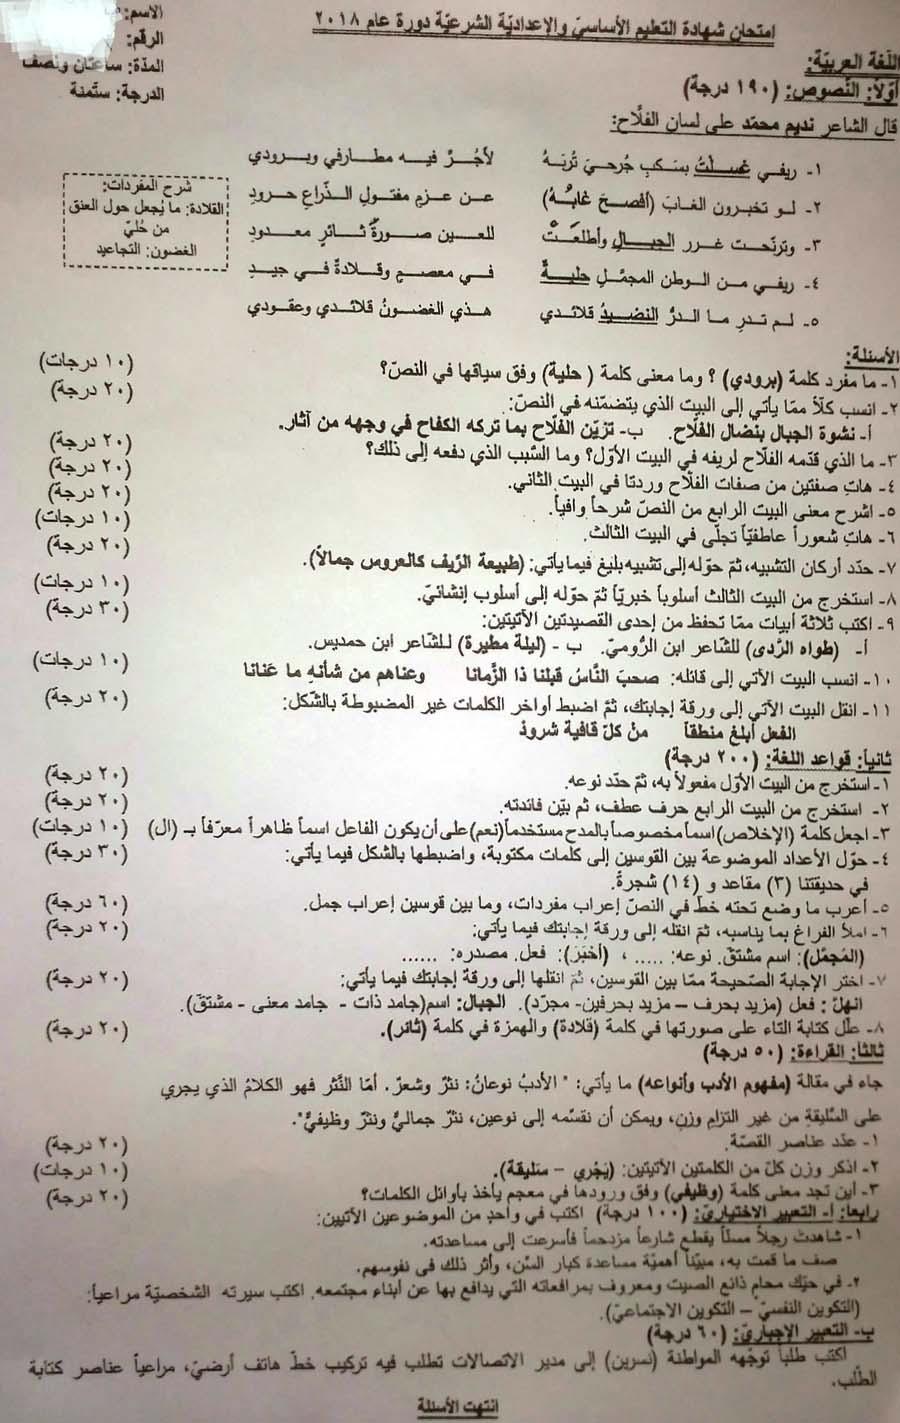 درعا ورقة اسئلة اللغة العربية للامتحان النهائي لطلاب شهادة التعليم الأساسي 2018 - التاسع سوريا